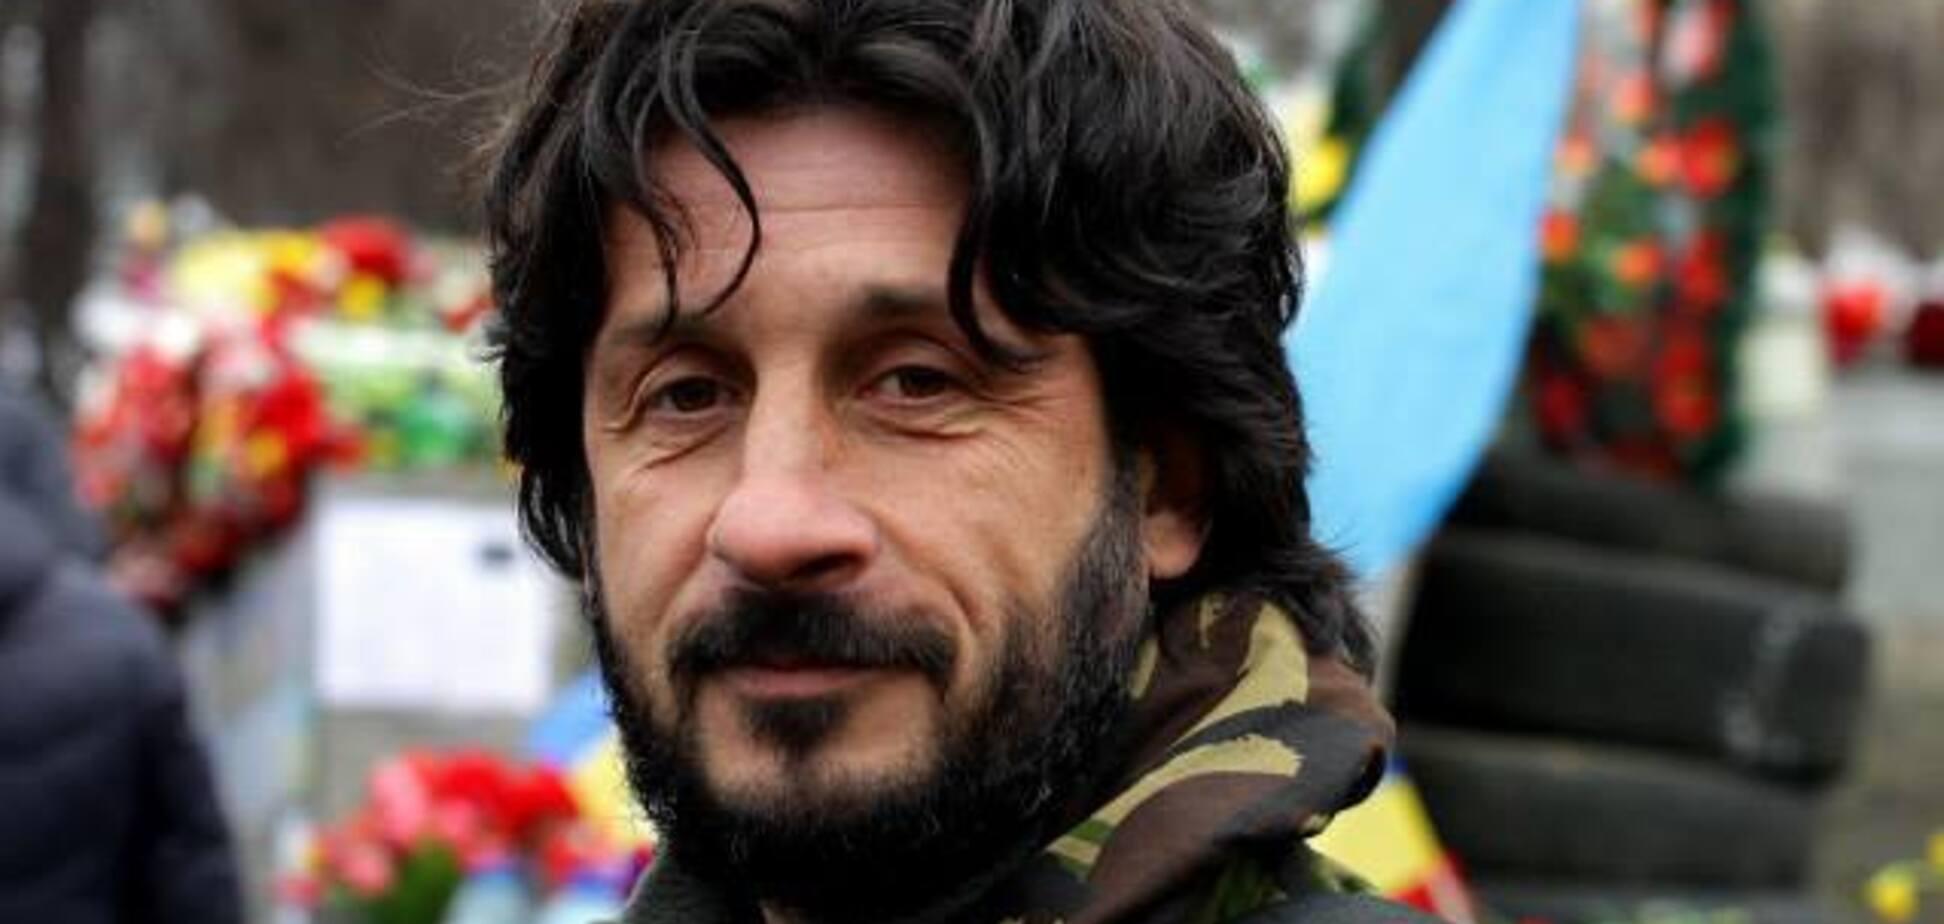 Полиция нагрянула с обысками к активисту Майдана: первые подробности